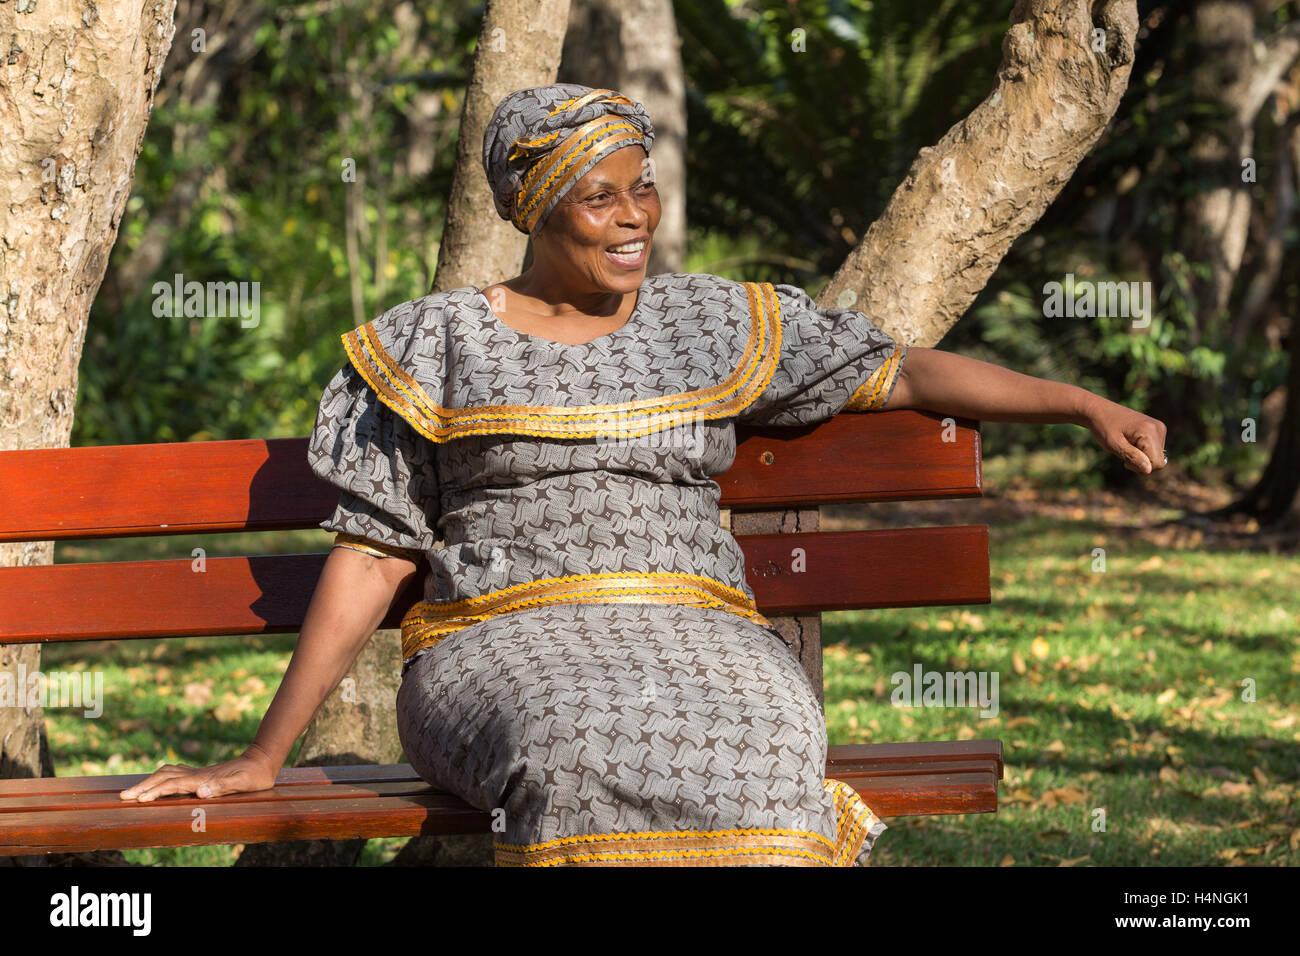 Se shweshwe dresses images